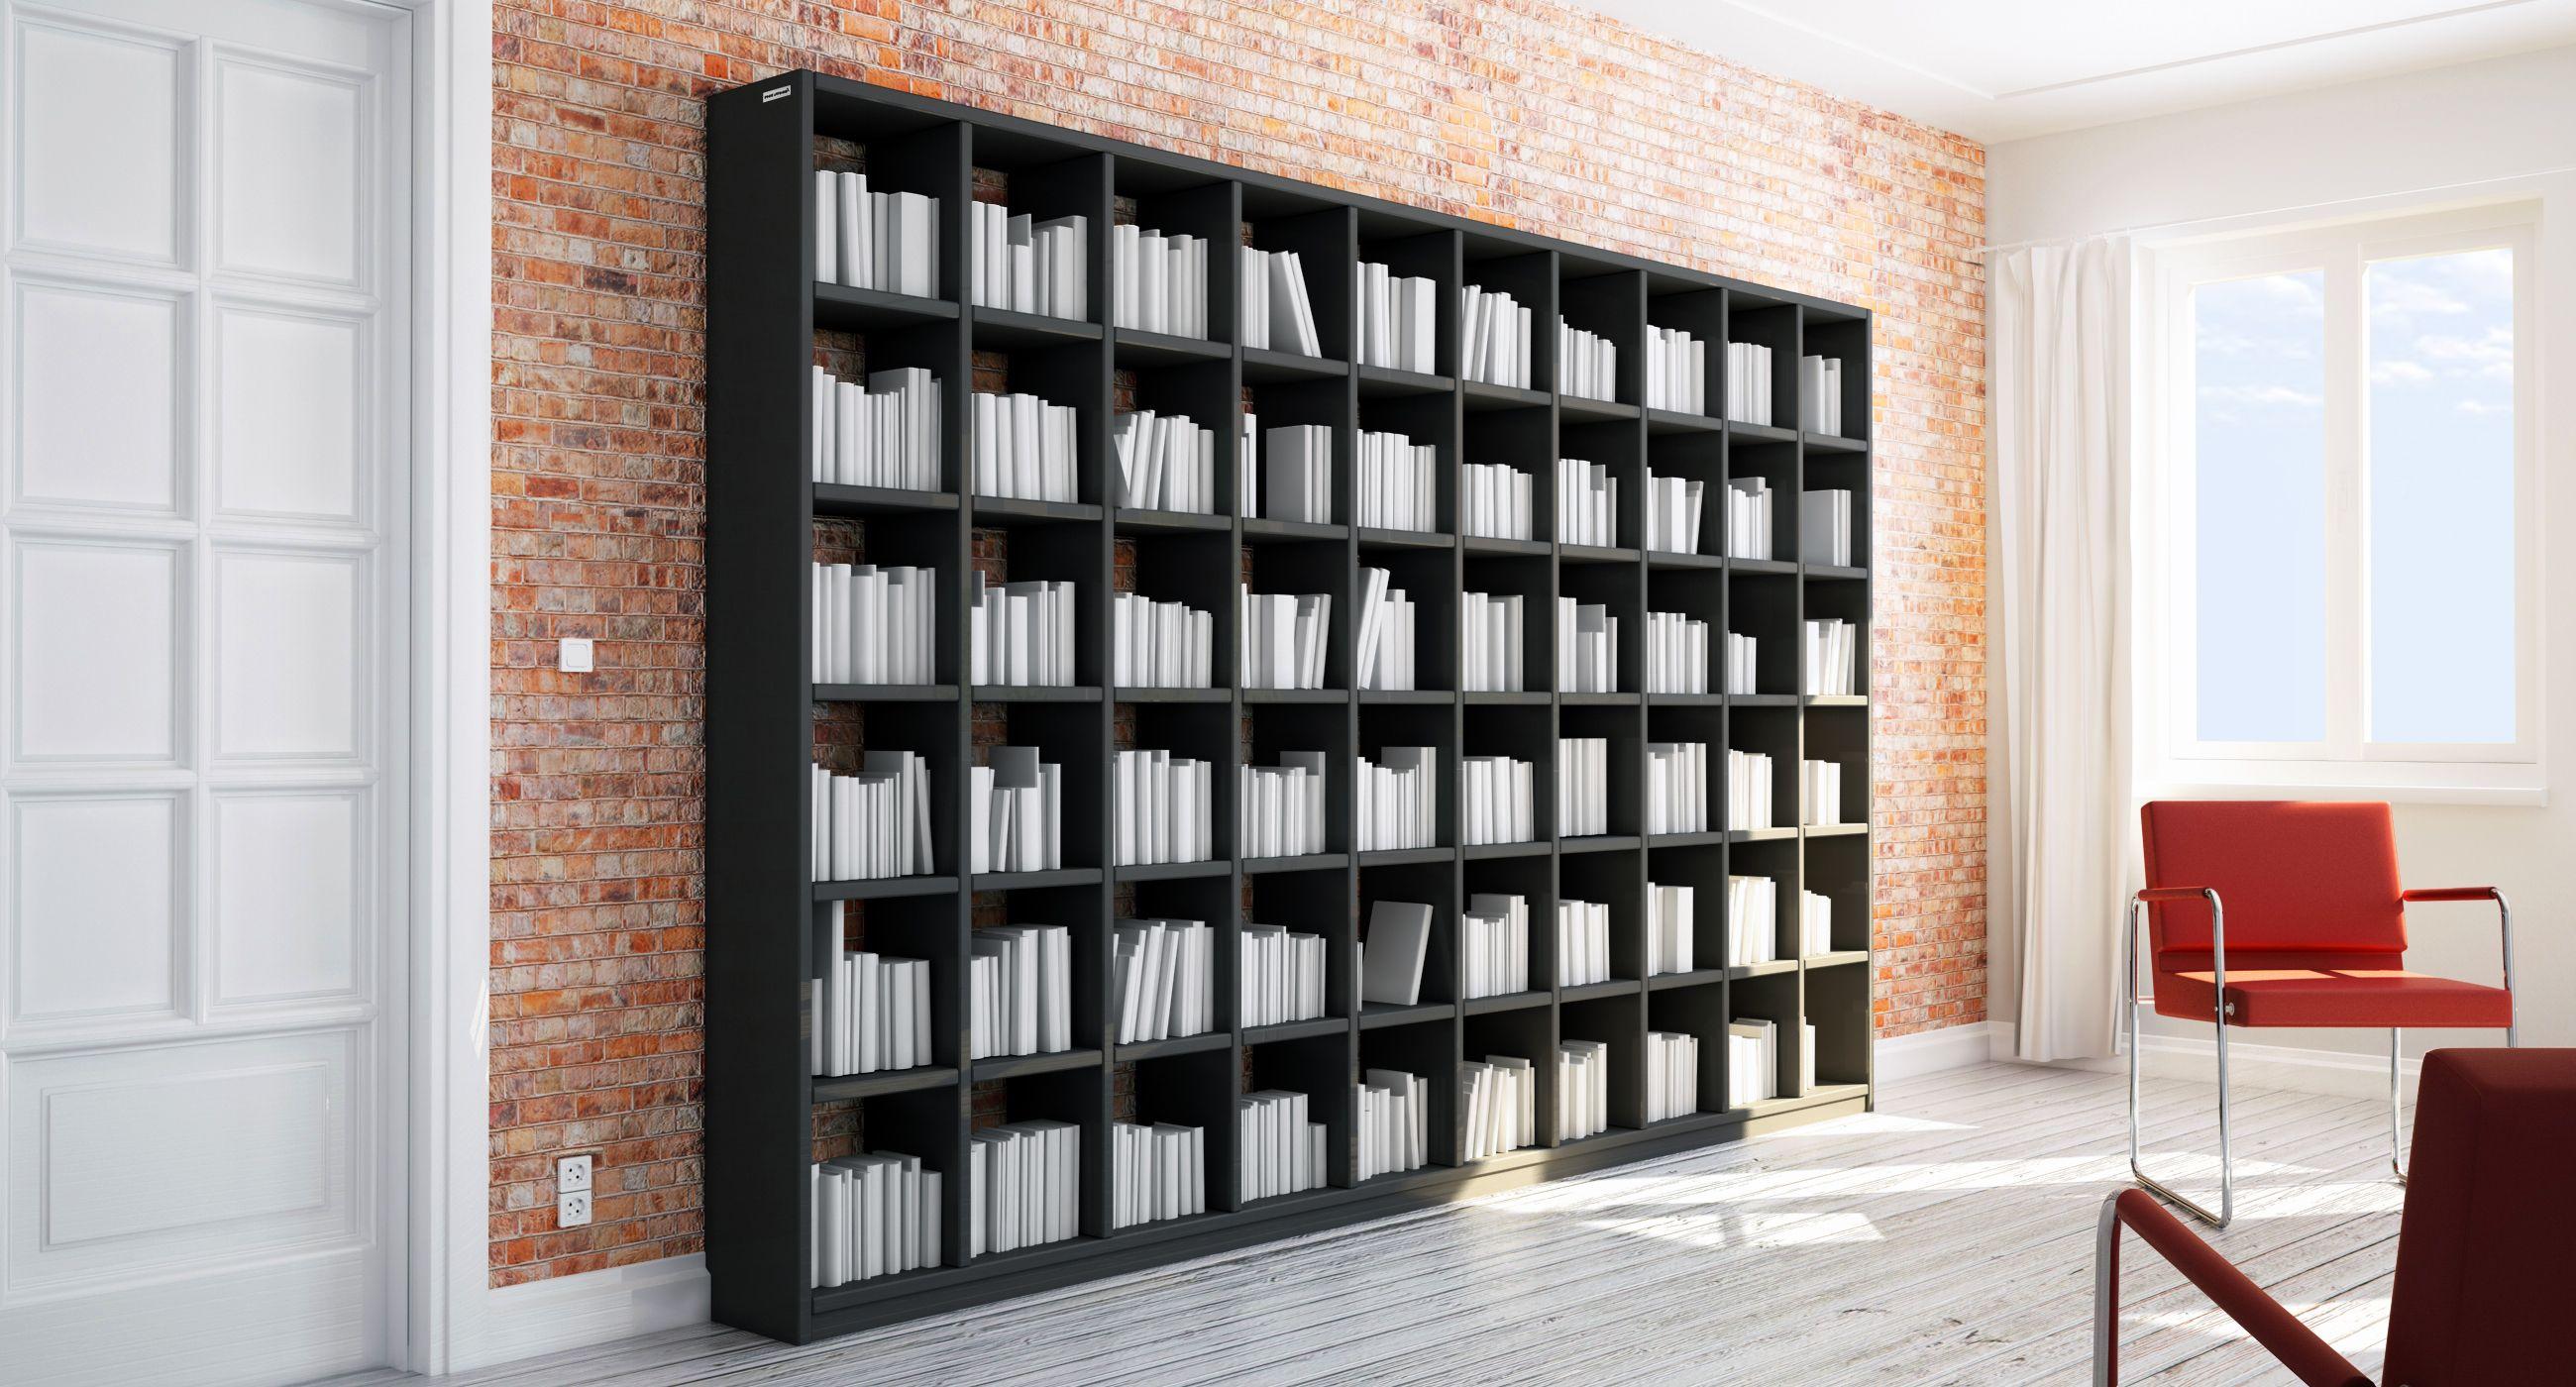 b cherregal nach ma in mdf holz schwarz alle ma e wie breite h he tiefe und fachh hen sind. Black Bedroom Furniture Sets. Home Design Ideas